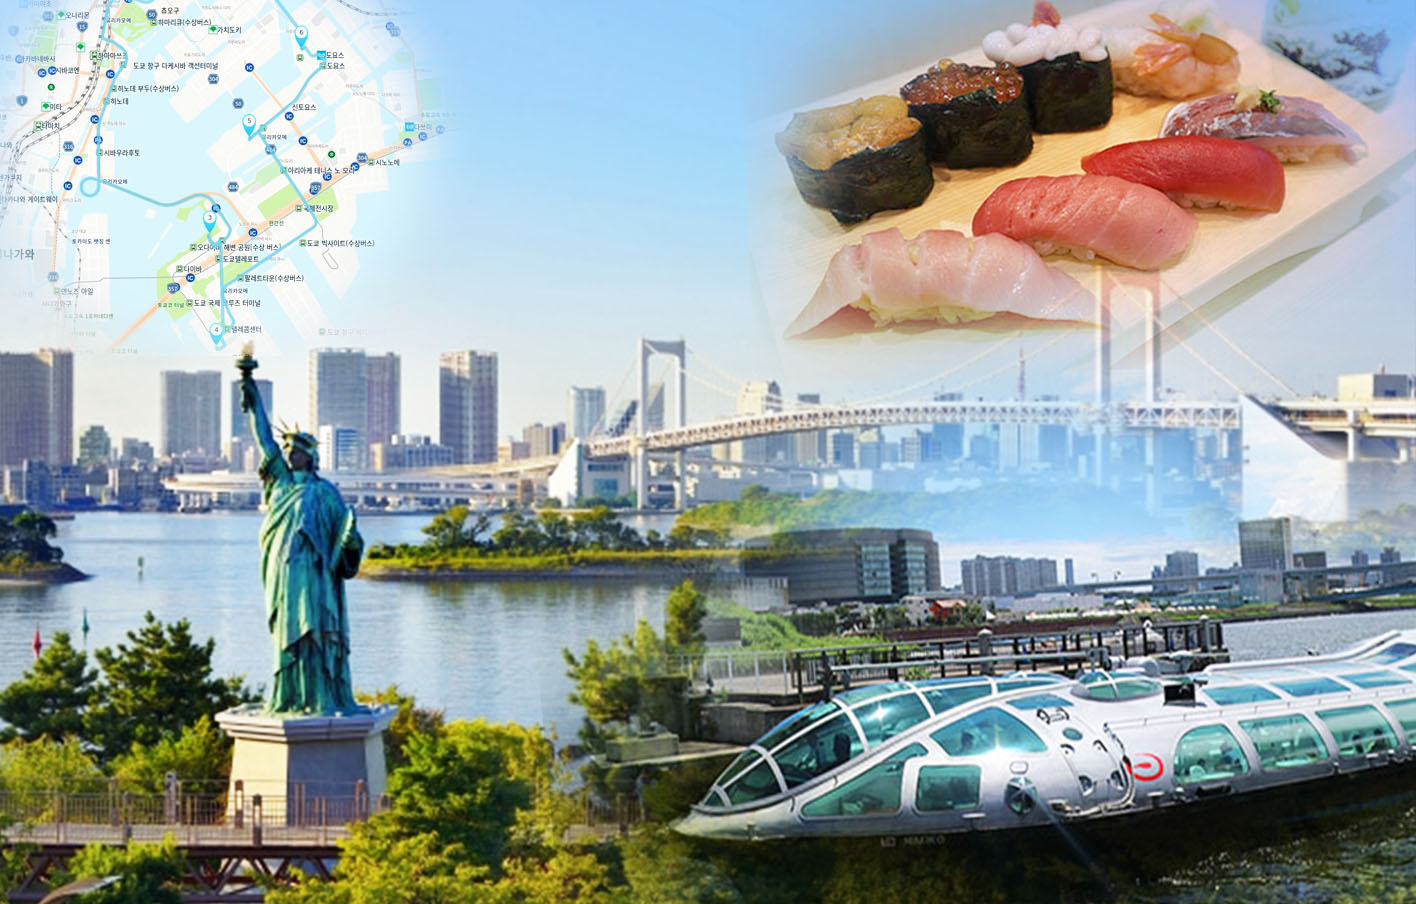 [도쿄 구역별 코스 추천] 쓰키지-오다이바-쓰키시마 1일에 정복하기!